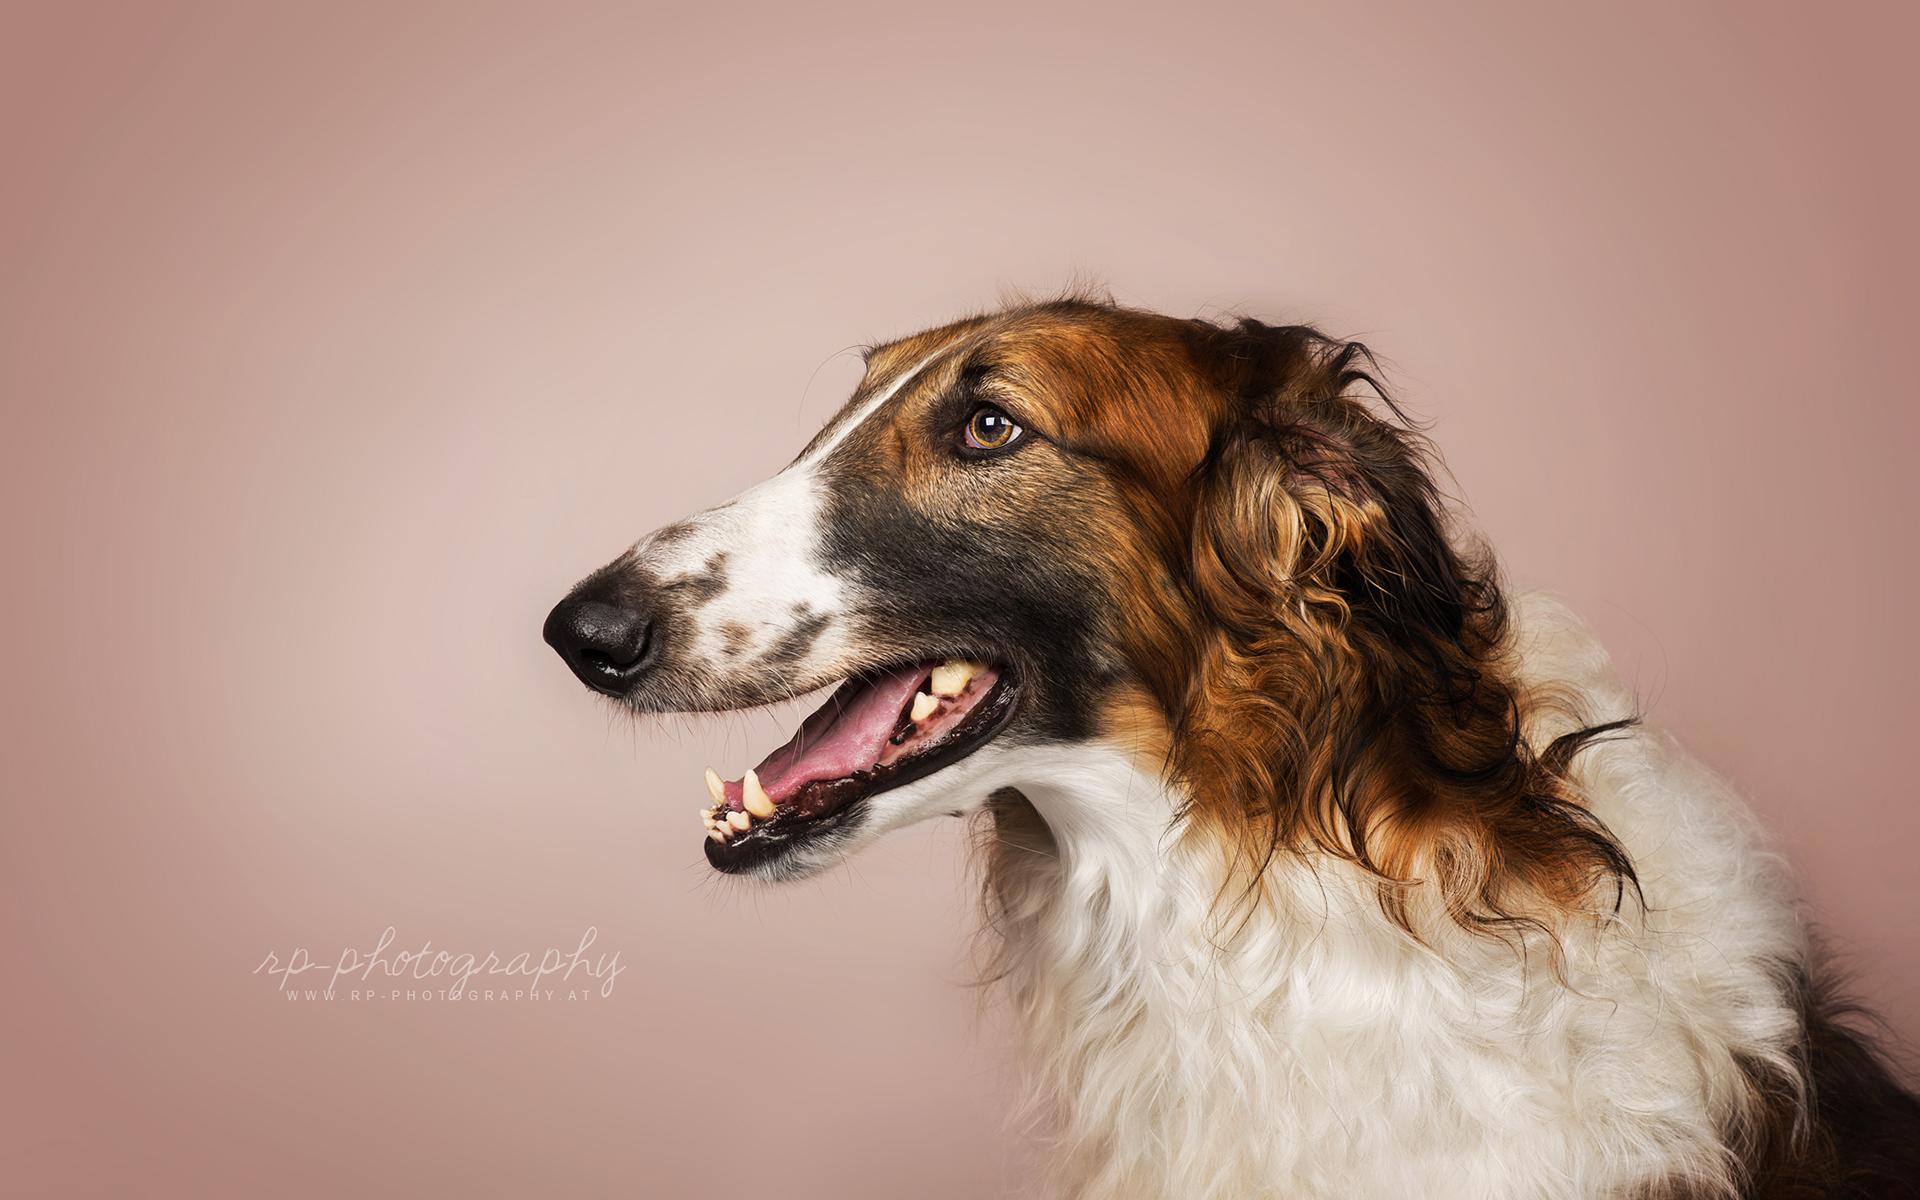 картинки собак русская борзая фото поздравить днём рожденья